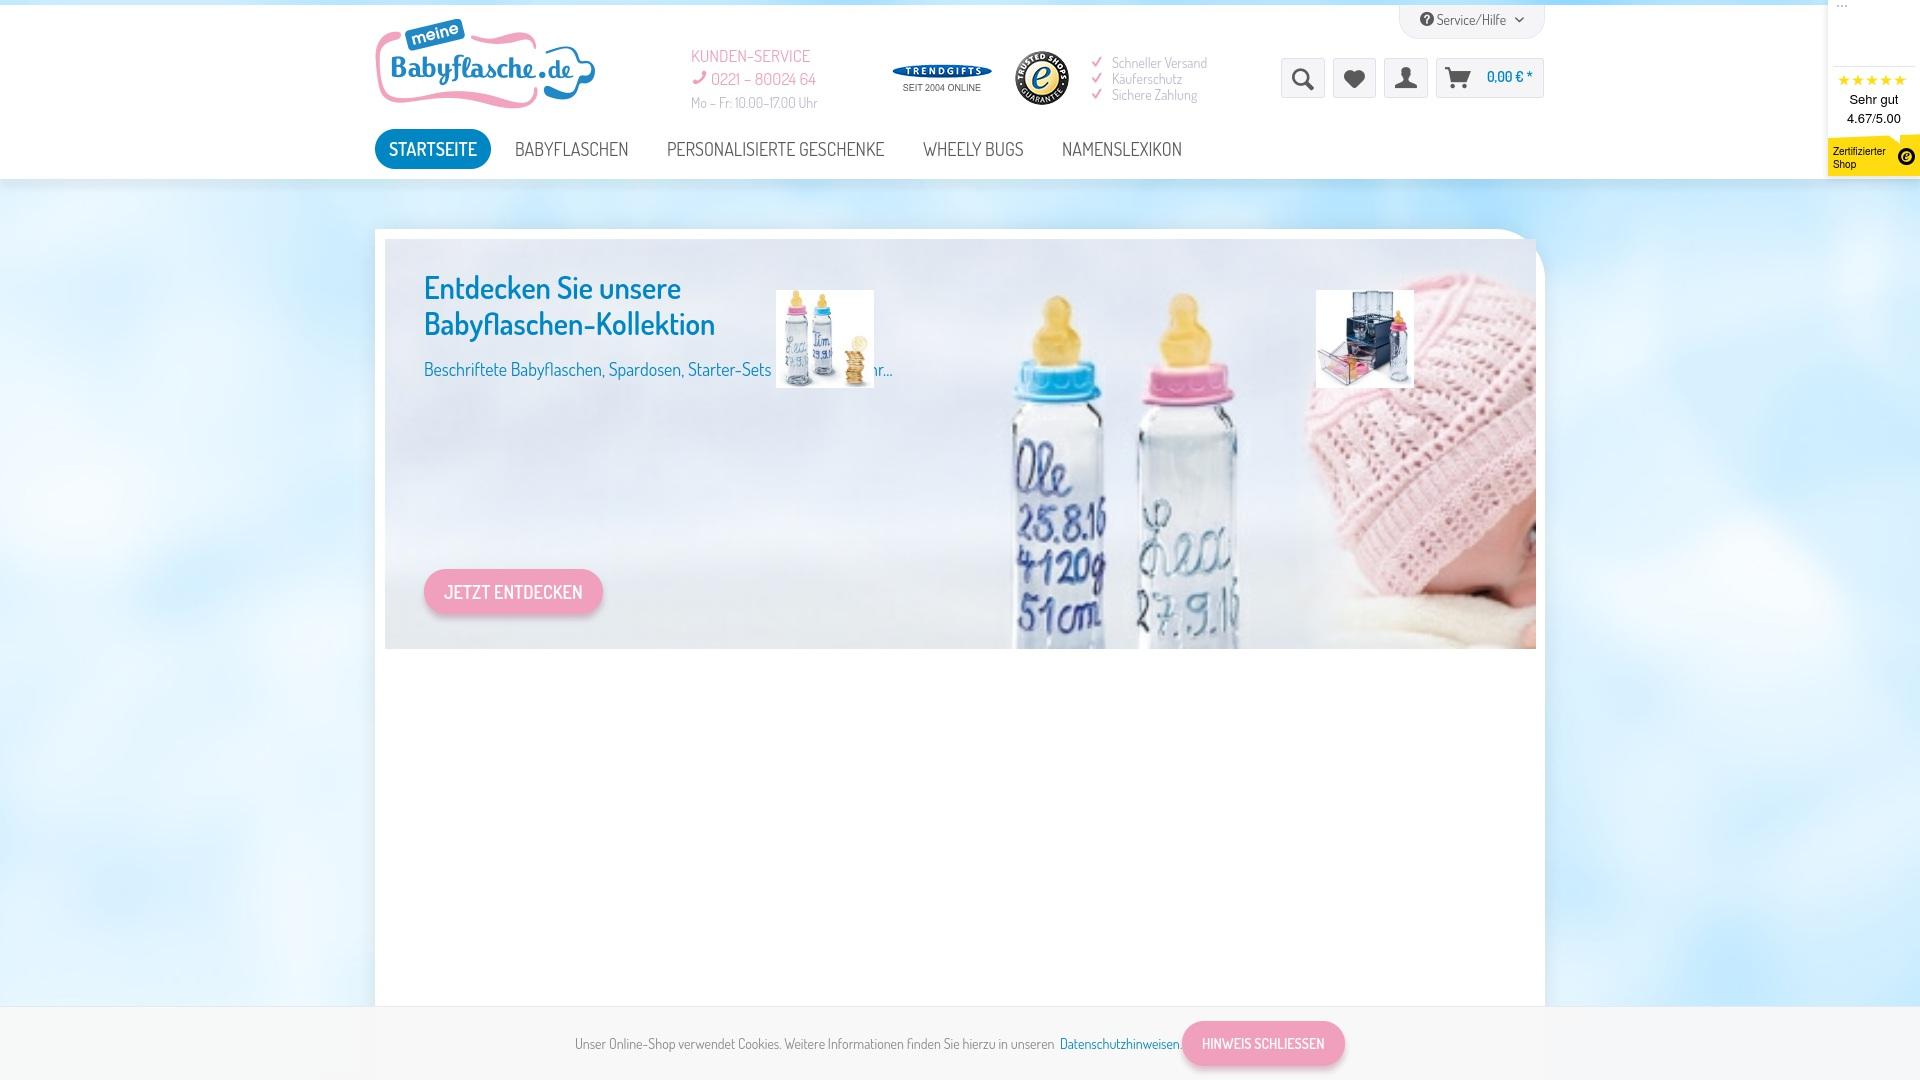 Gutschein für Meinebabyflasche: Rabatte für  Meinebabyflasche sichern